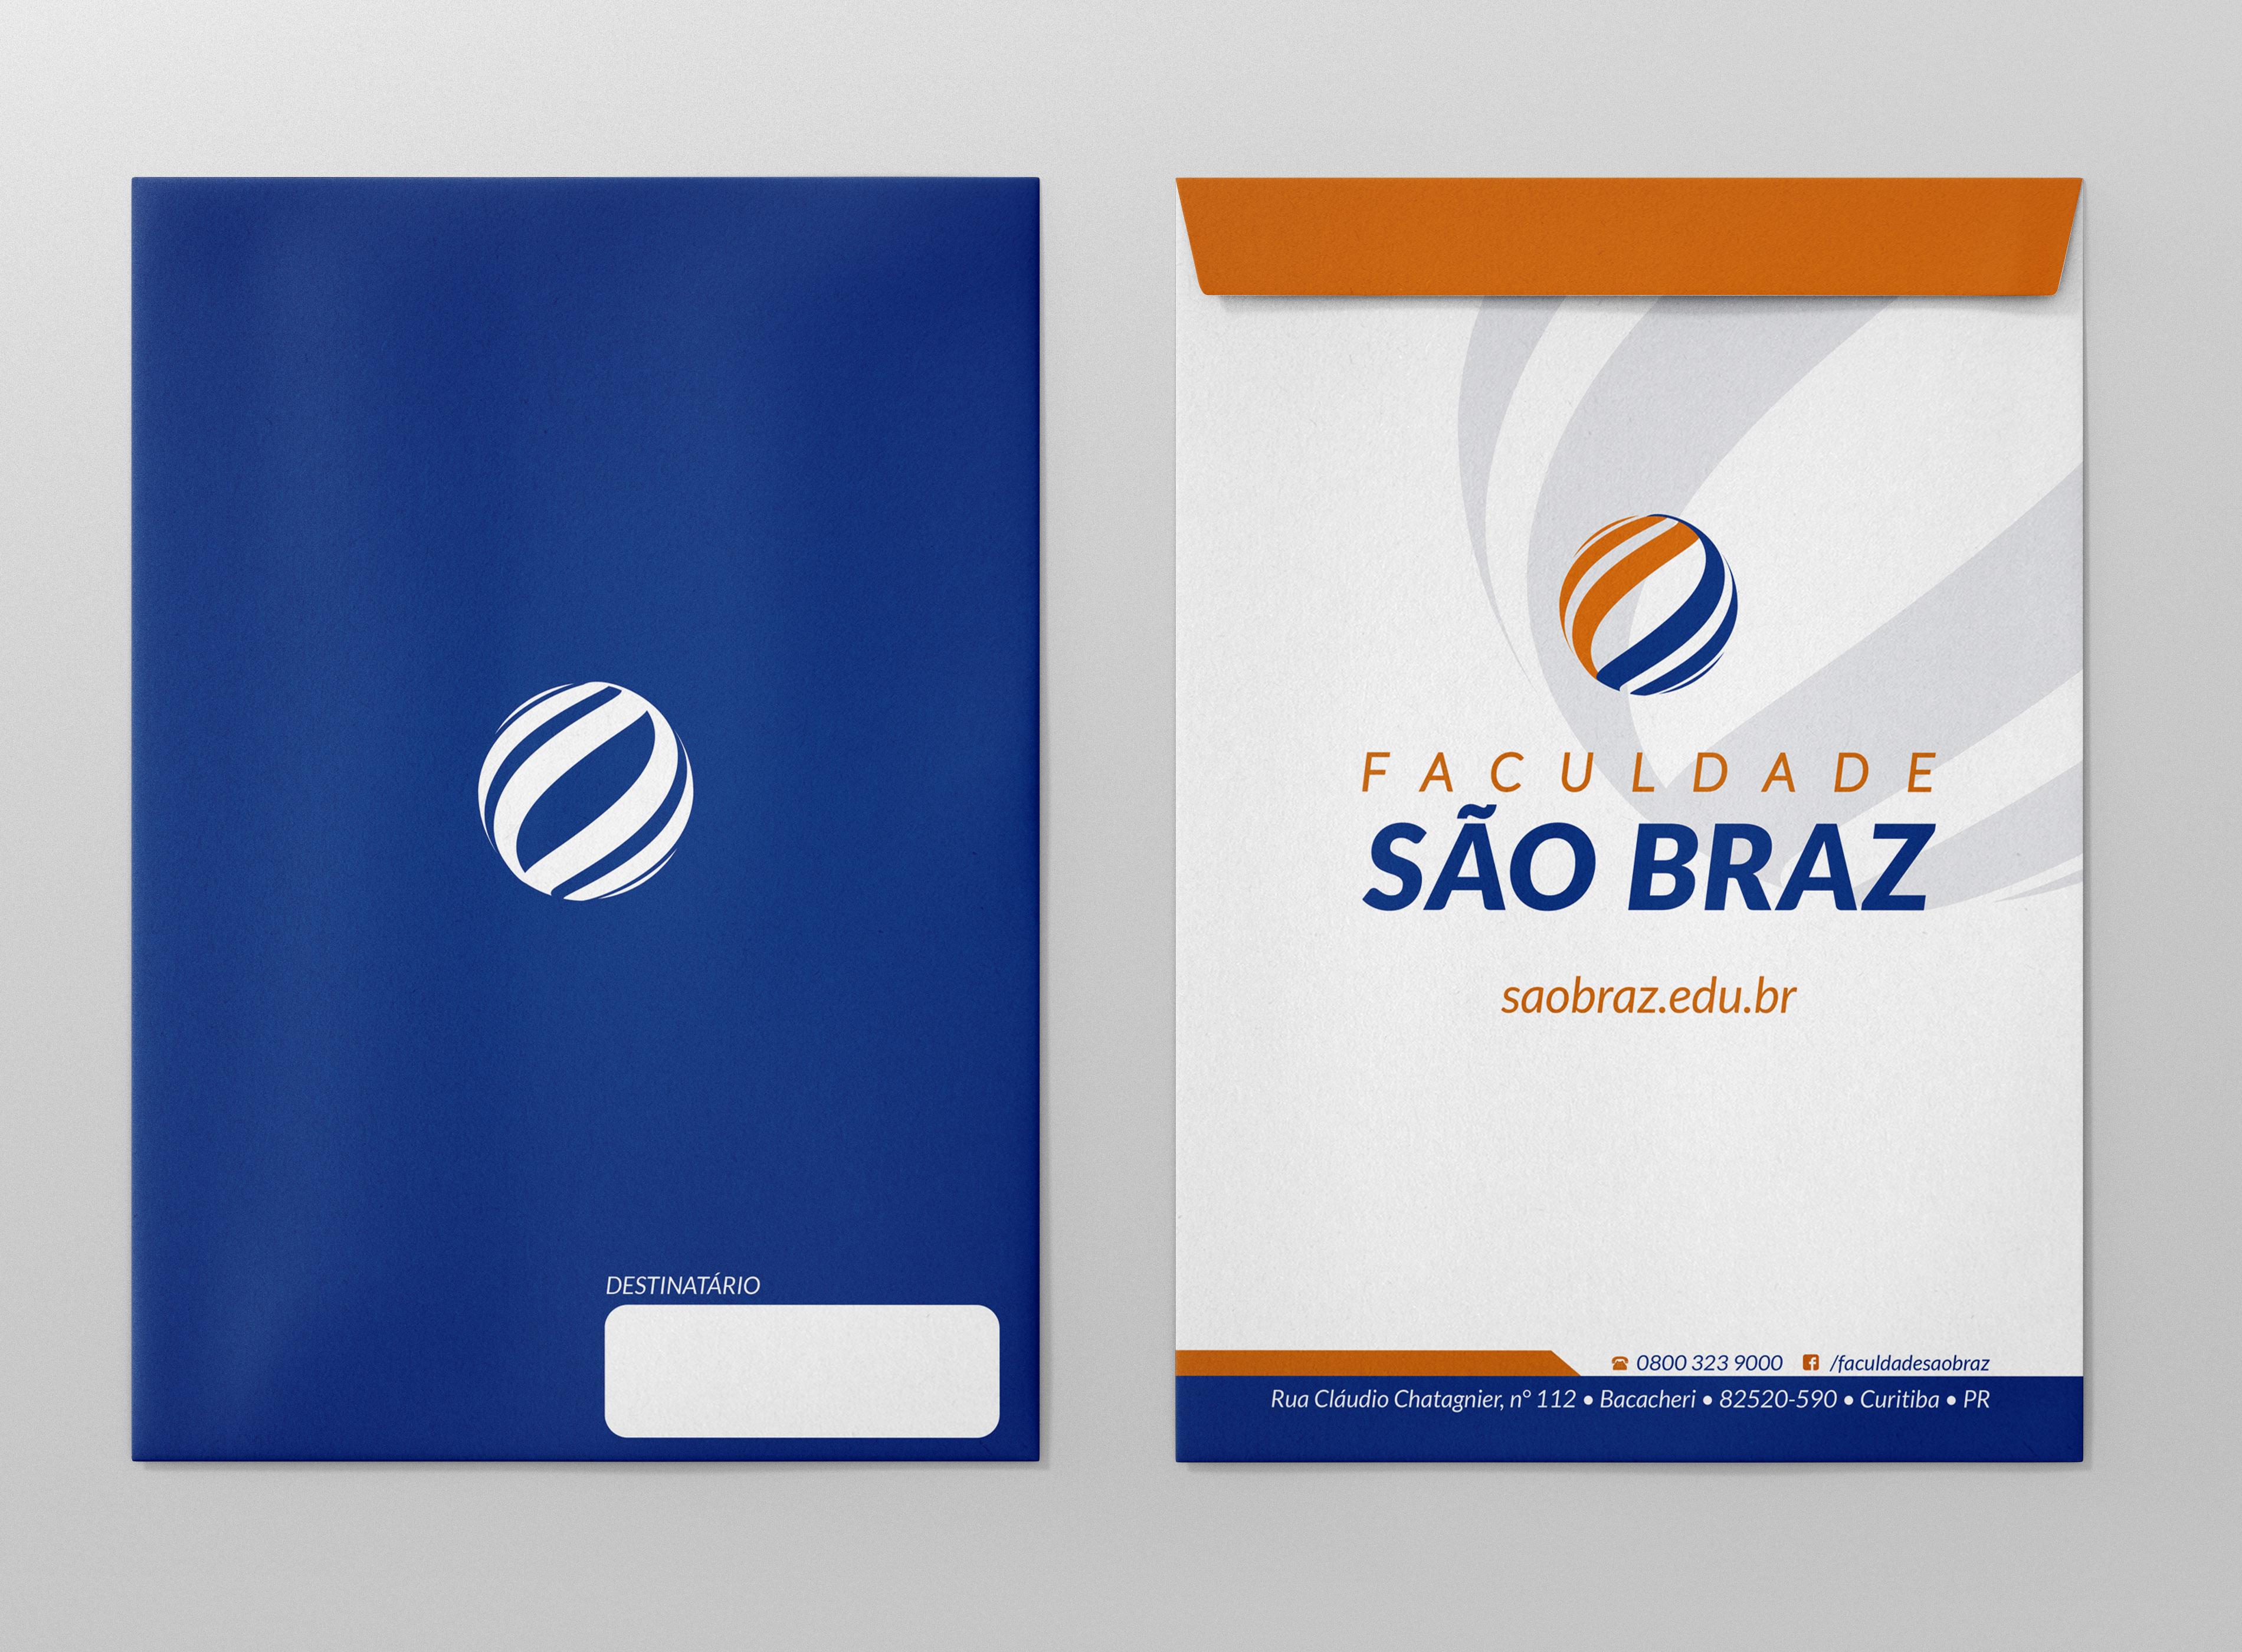 Amostra_Envelope_Faculdade_São_Braz